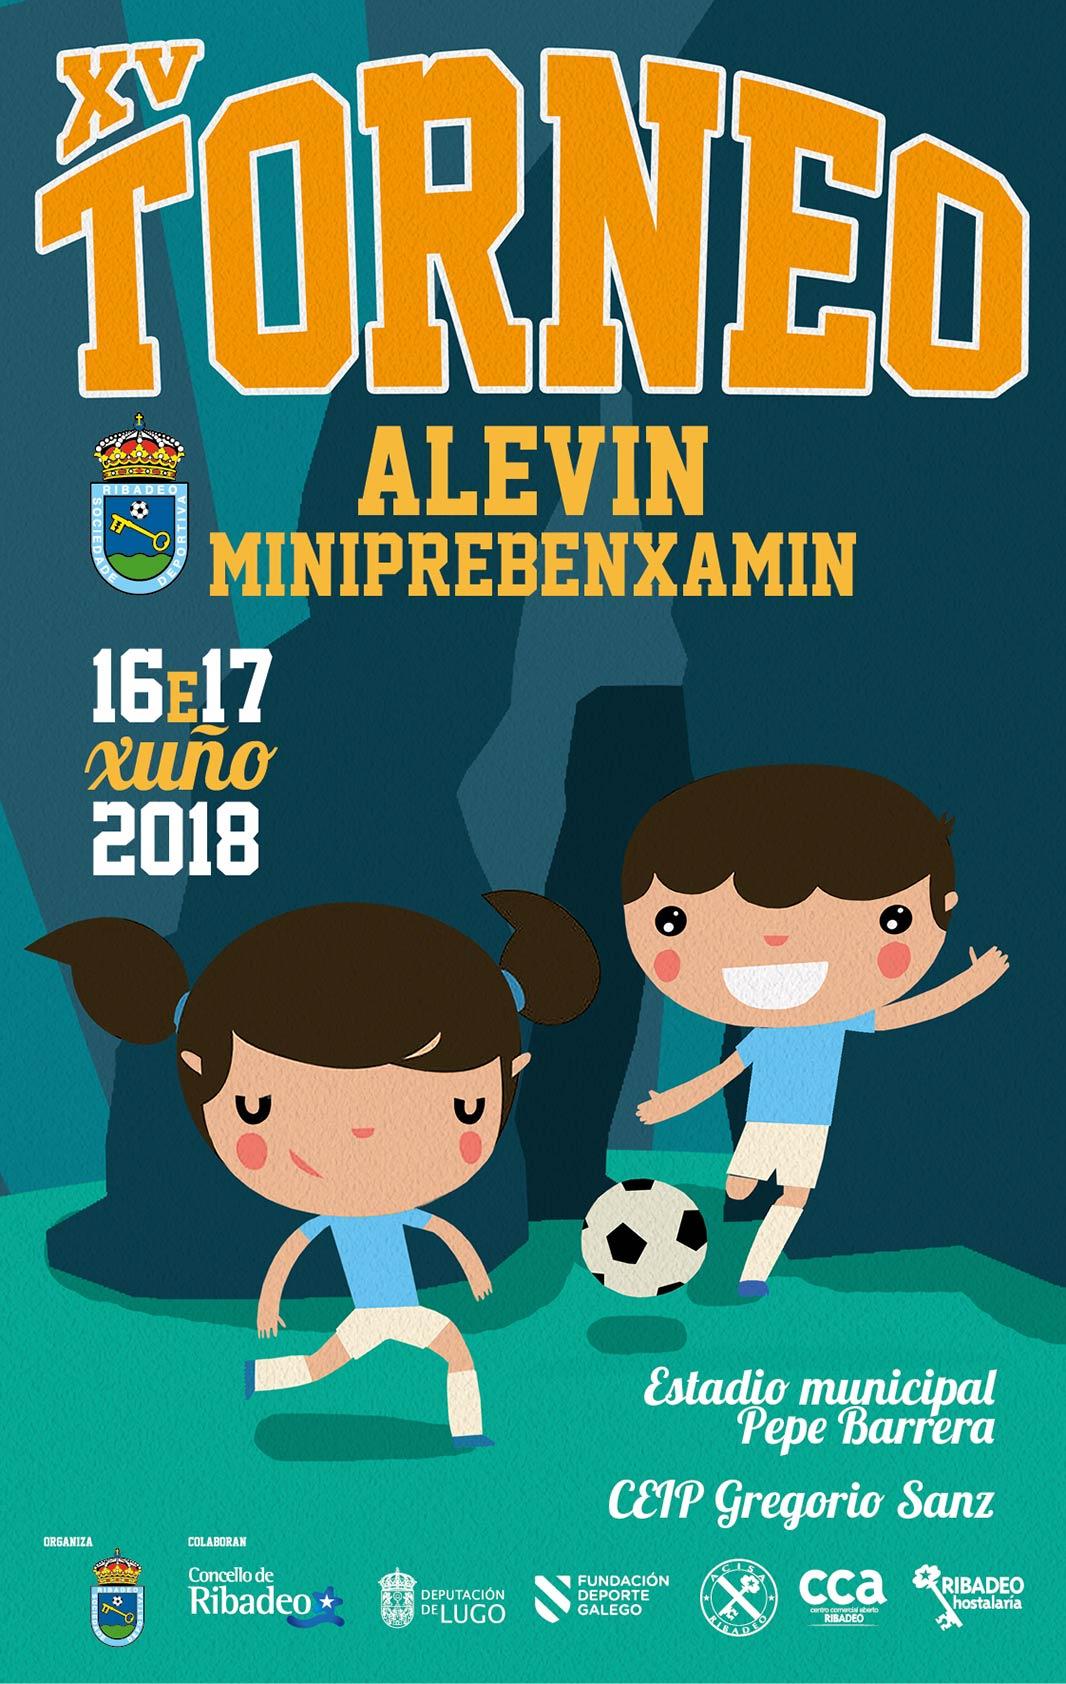 XV Torneo de Fútbol Base Alevín e Miniprebenxamín